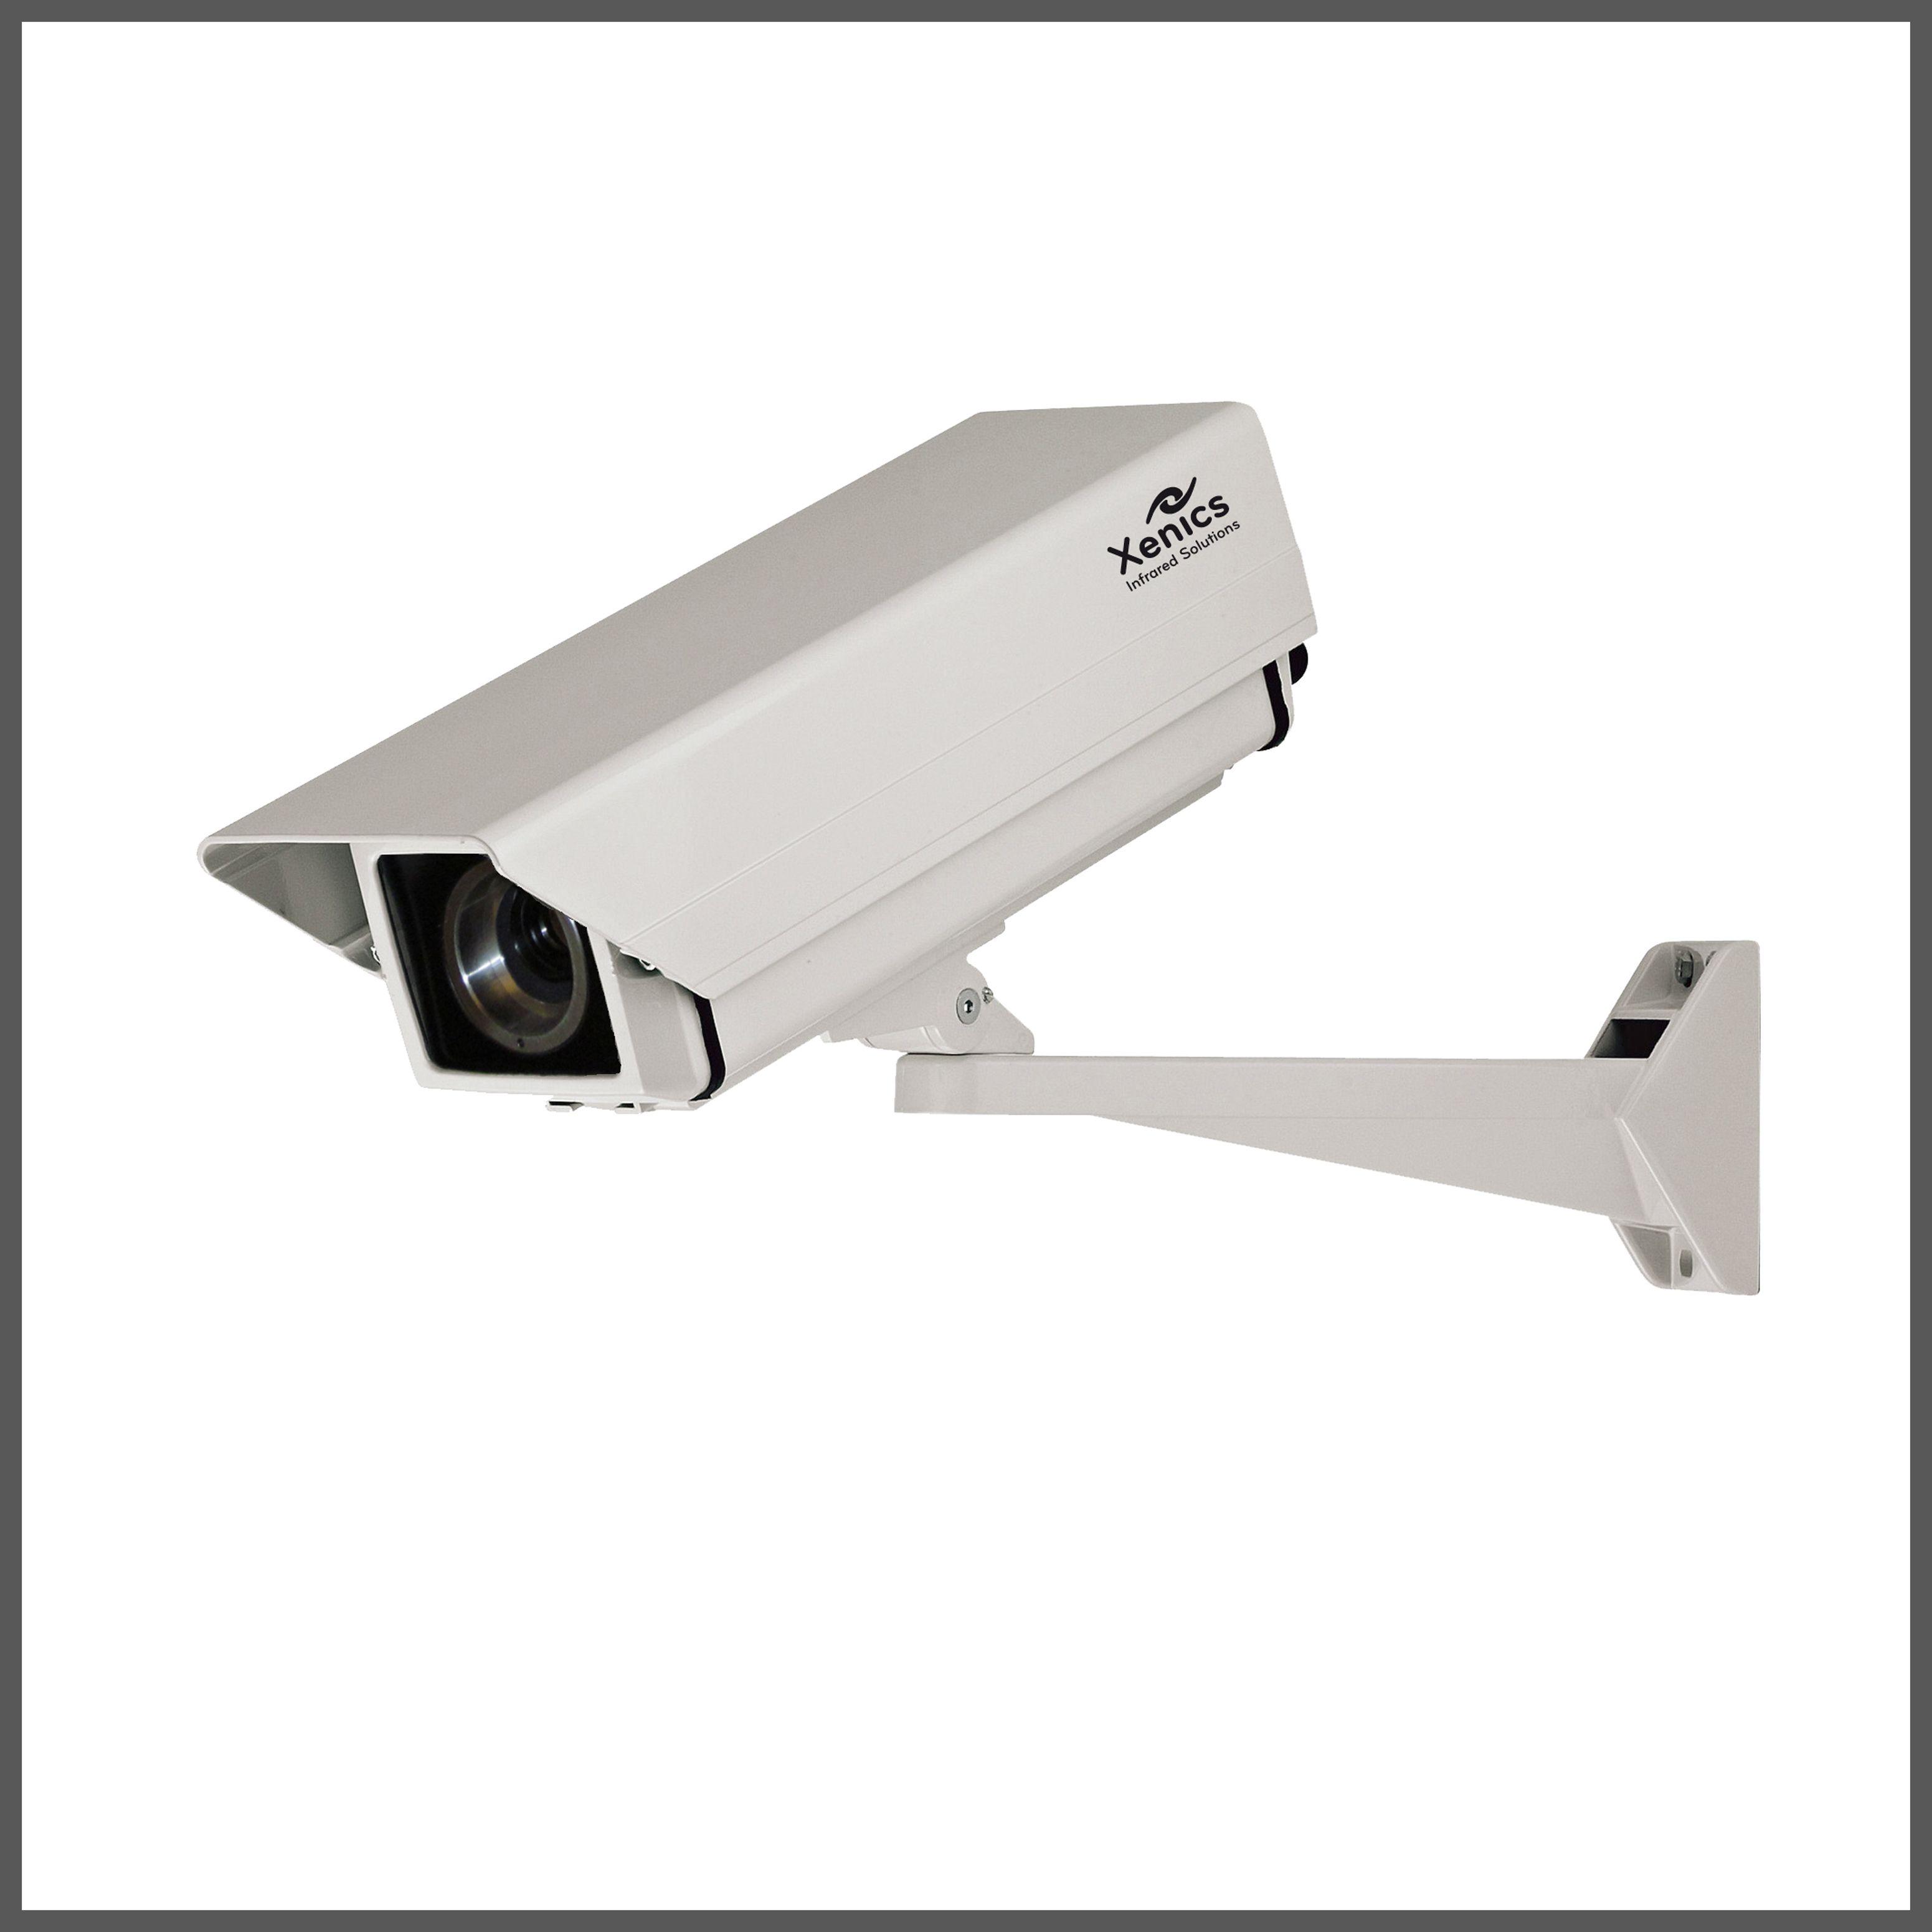 High Tech Surveillance Camera System   CCTV   Pinterest   Tech and ...